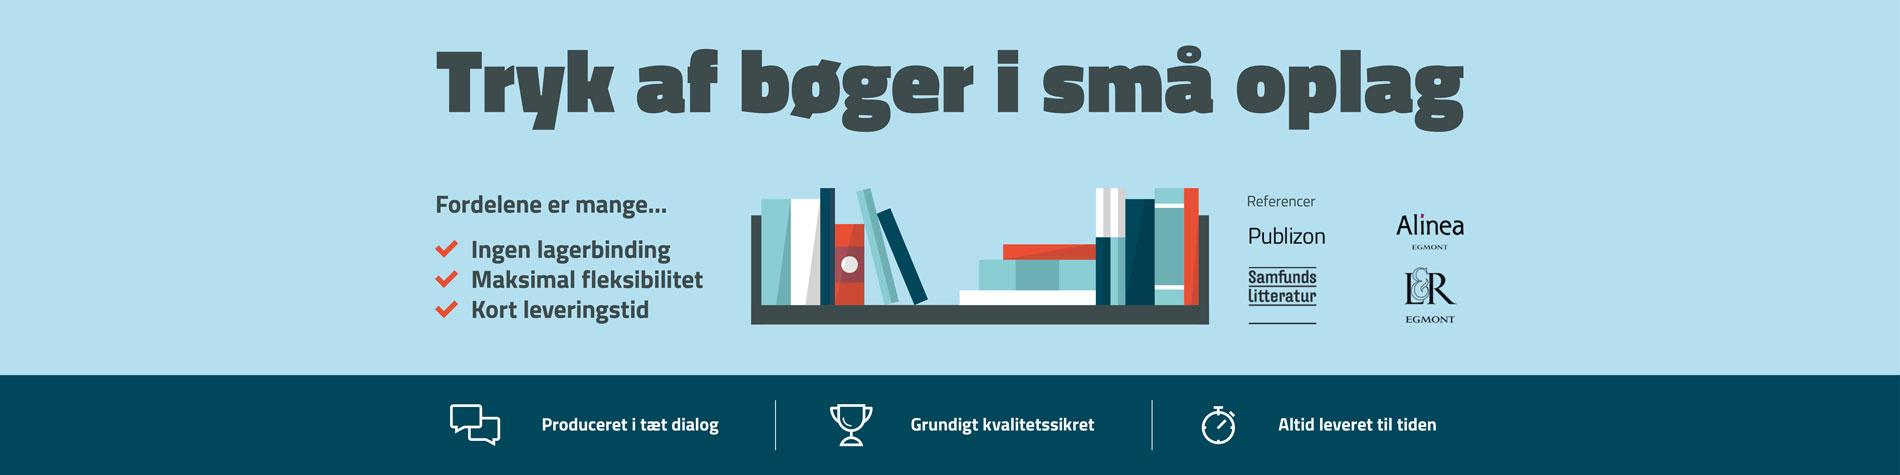 Tryk bøger